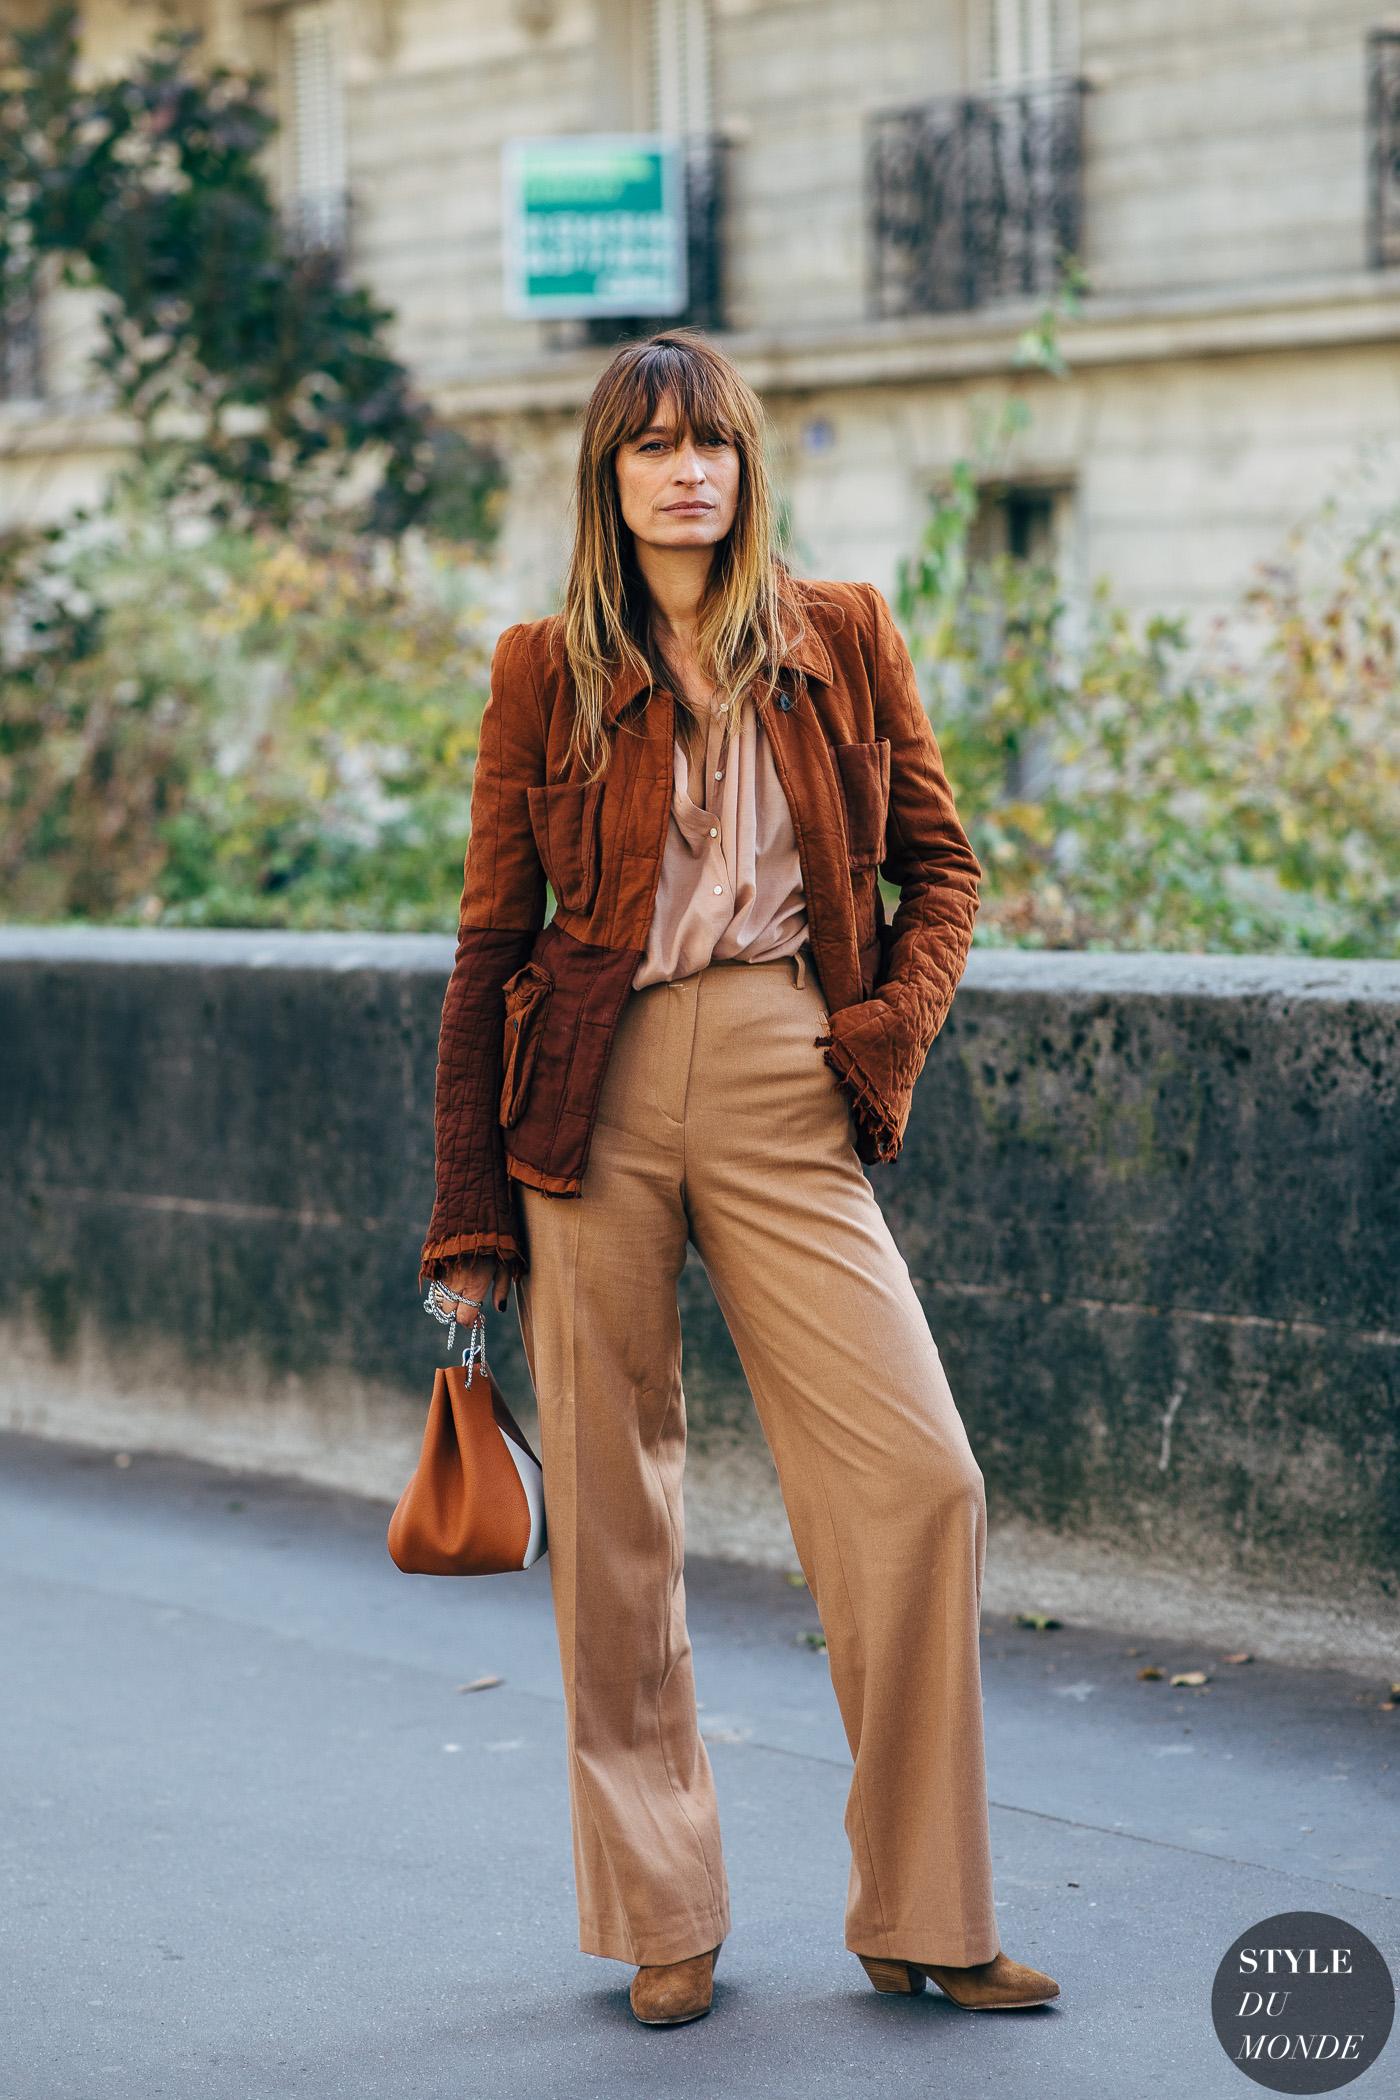 Caroline de Maigret diện trang phục màu nâu trên đường phố